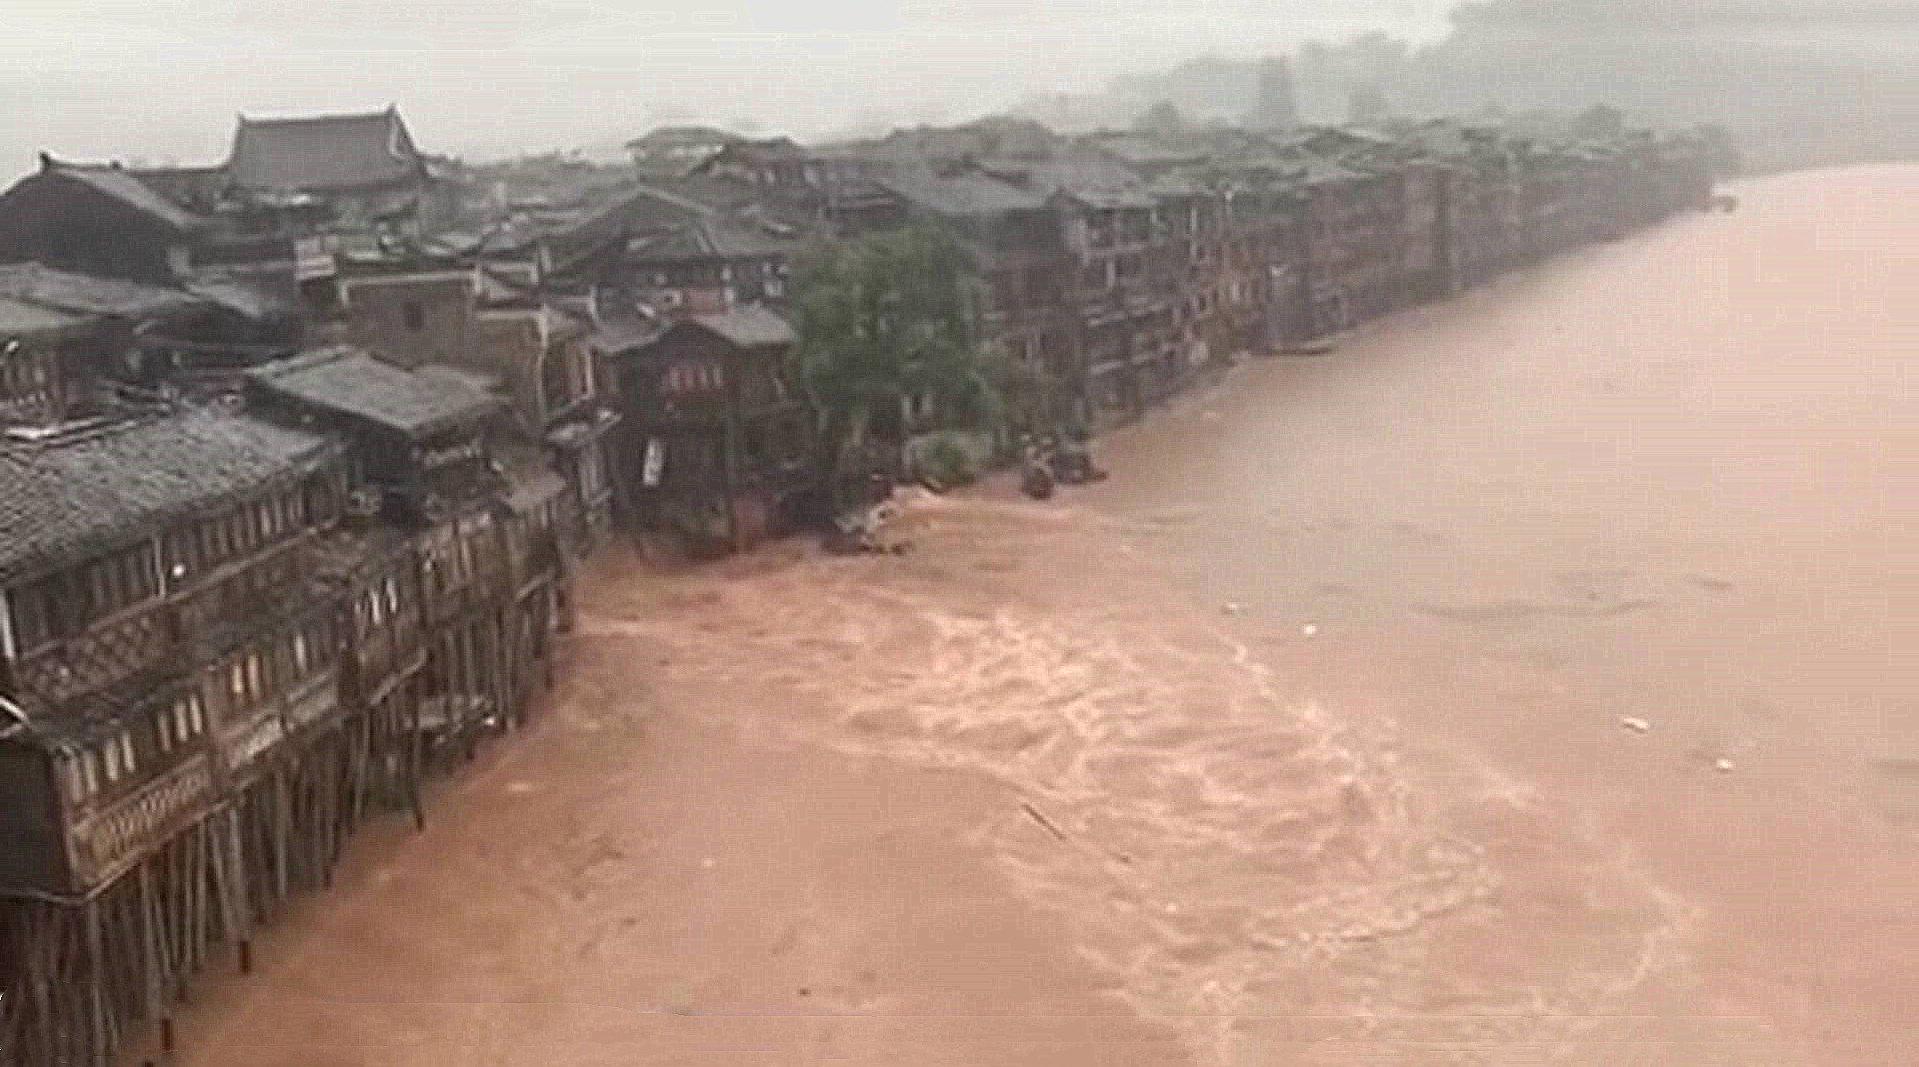 暴雨致沱江水位升高凤凰古城吊脚楼被淹